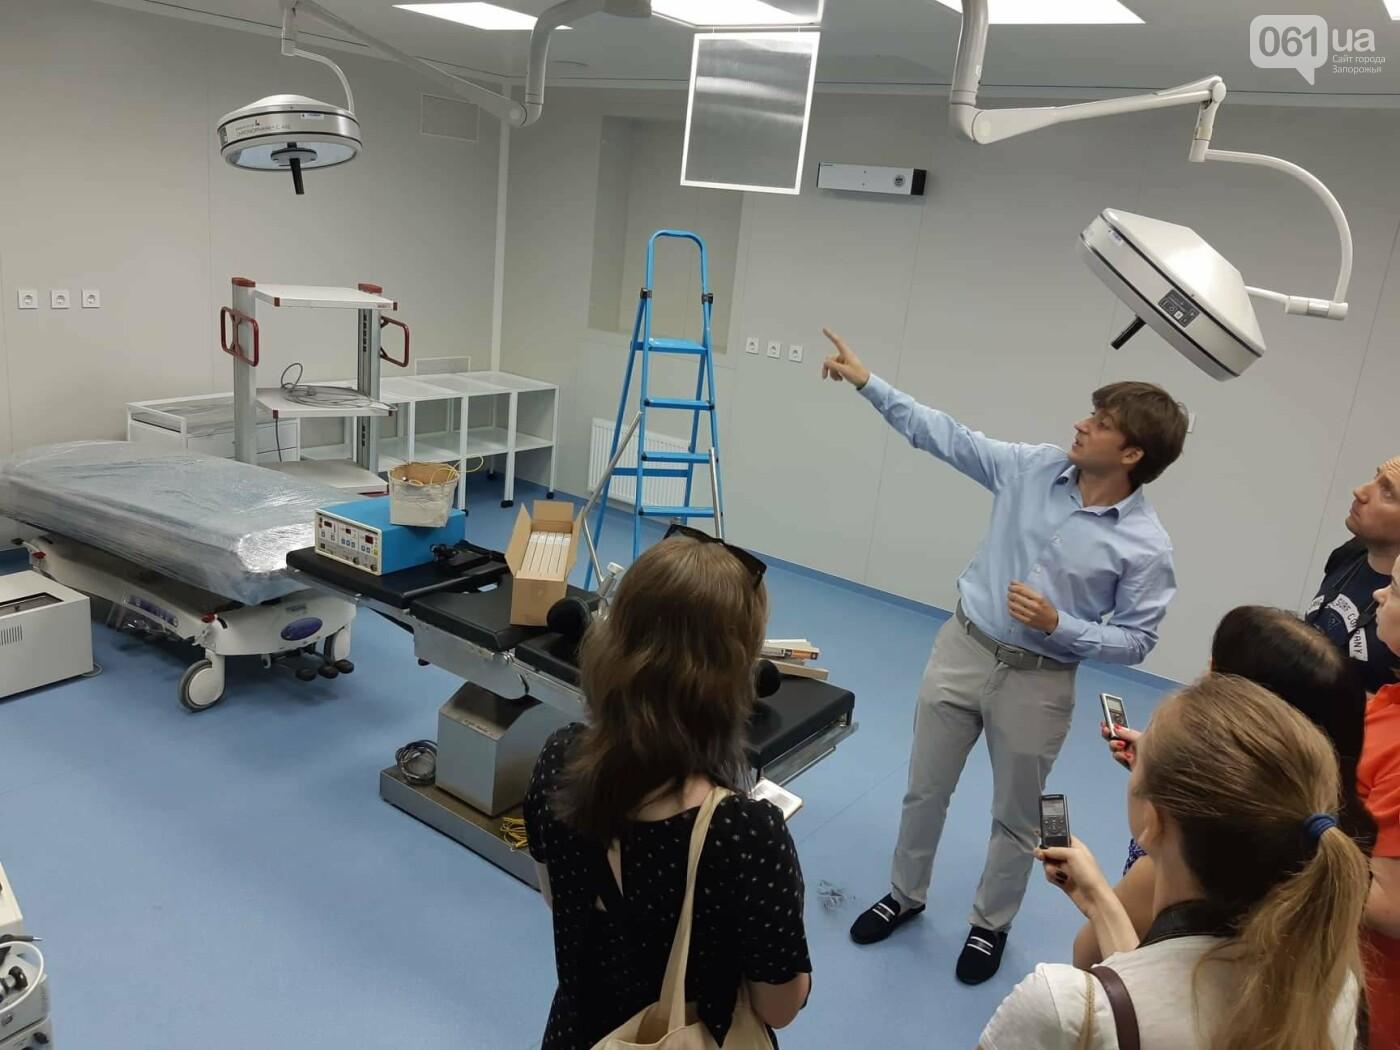 В Запорожье на месте заброшенного долгостроя построили частную клинику: как она выглядит и что будет внутри, - ФОТОРЕПОРТАЖ, фото-9